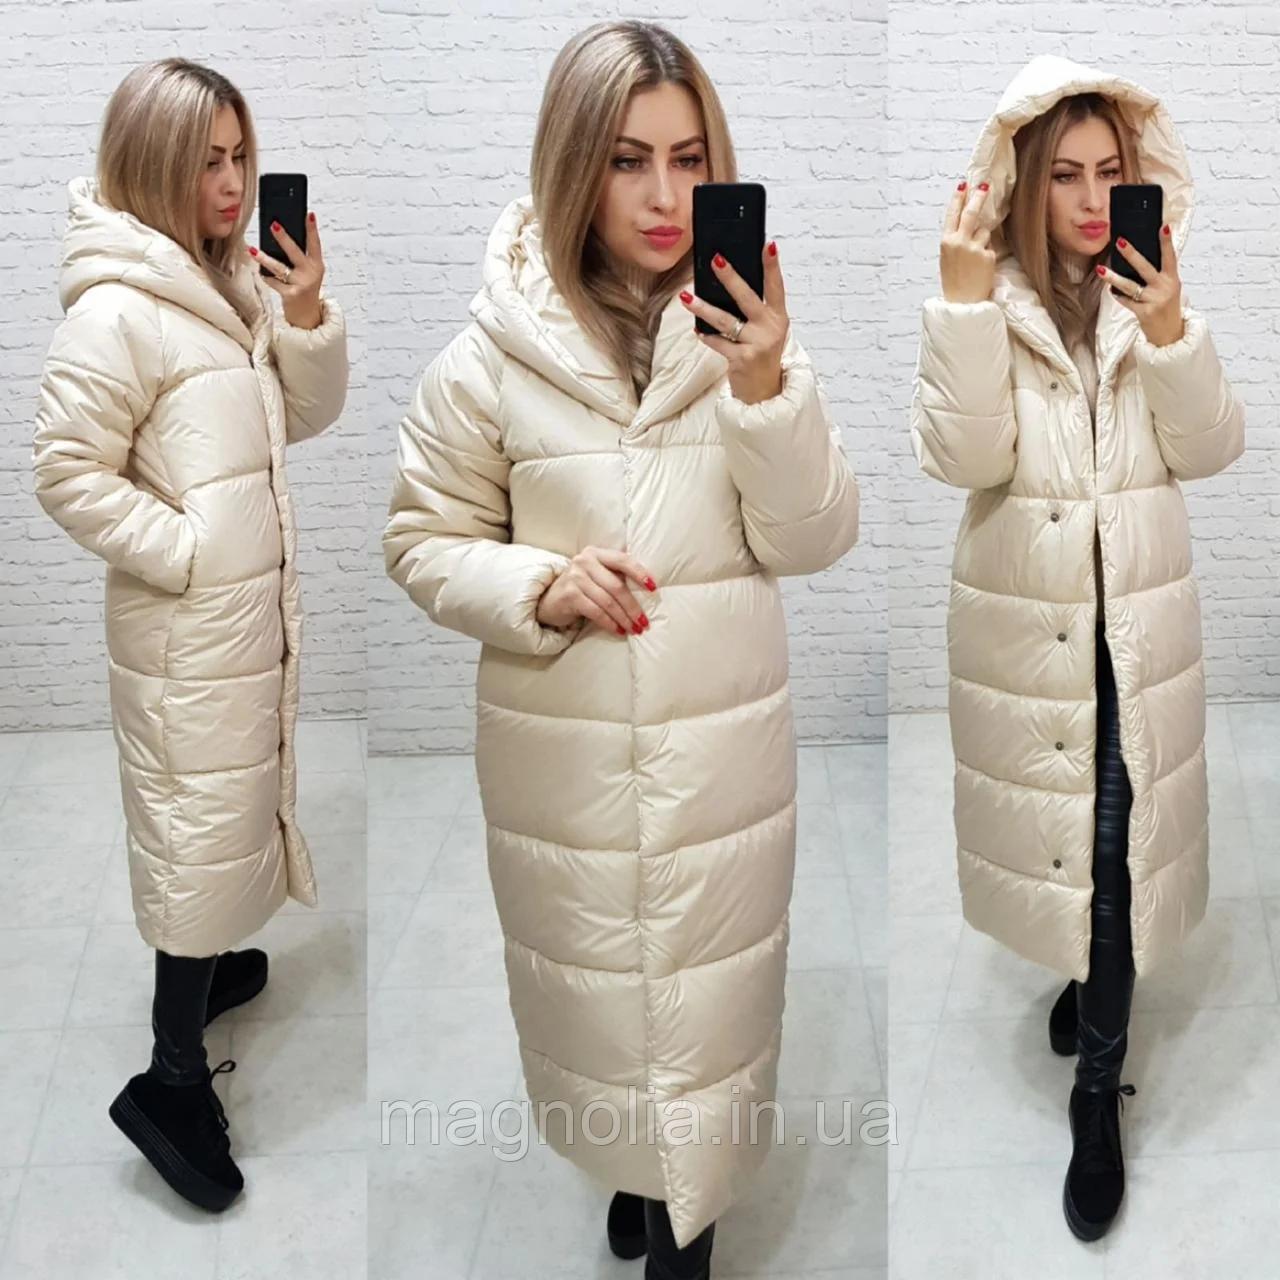 Зимняя теплая длинная  куртка пальто пуховик оверсайз одеяло с капюшоном плащевка + силикон 58-60